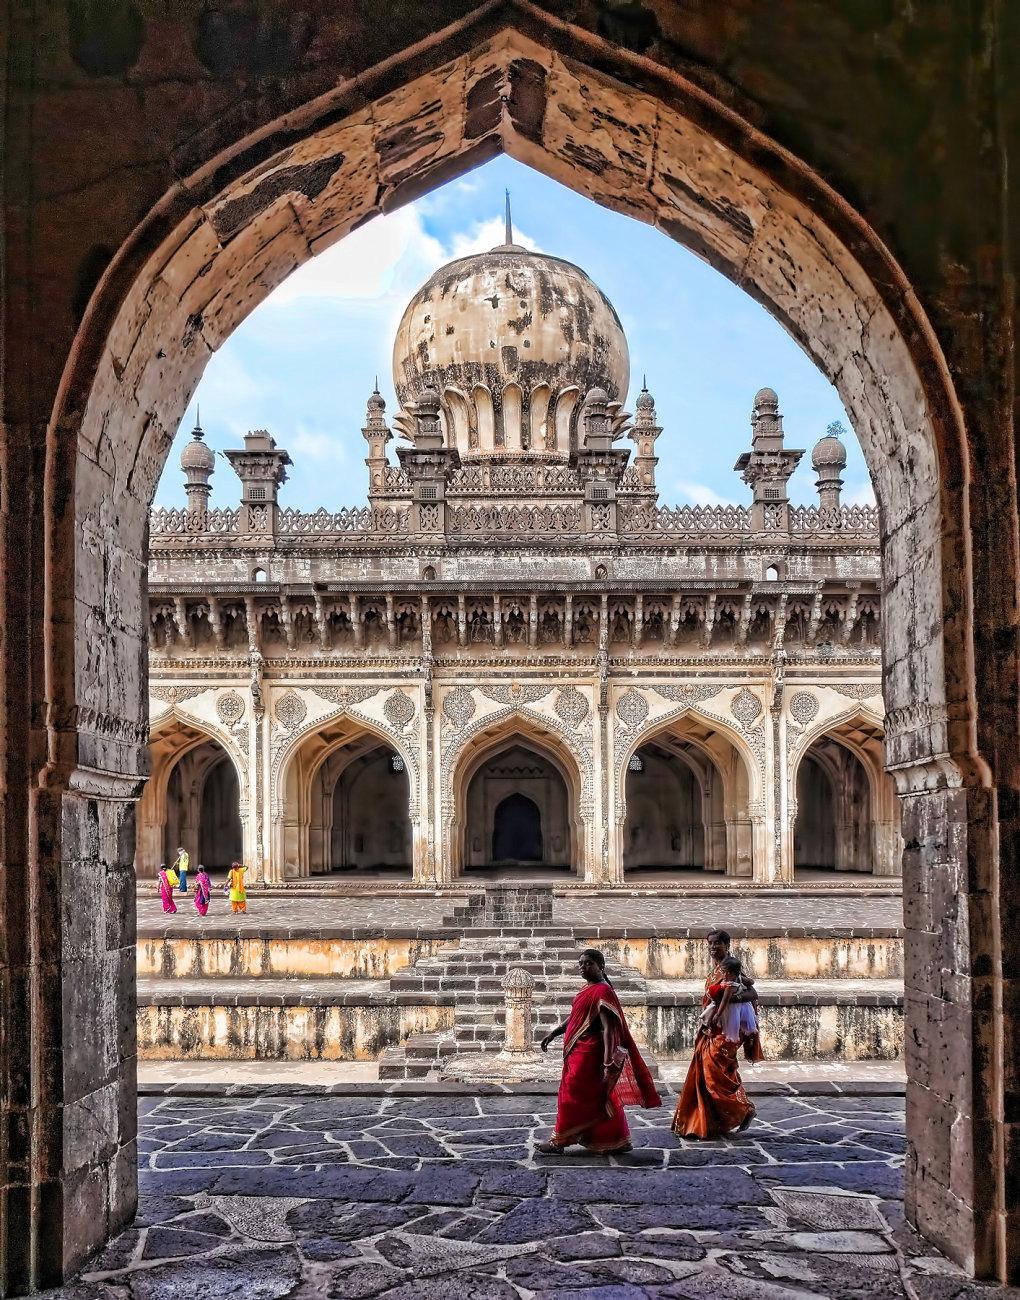 Ibrahim Rauza tomb in Bijapur